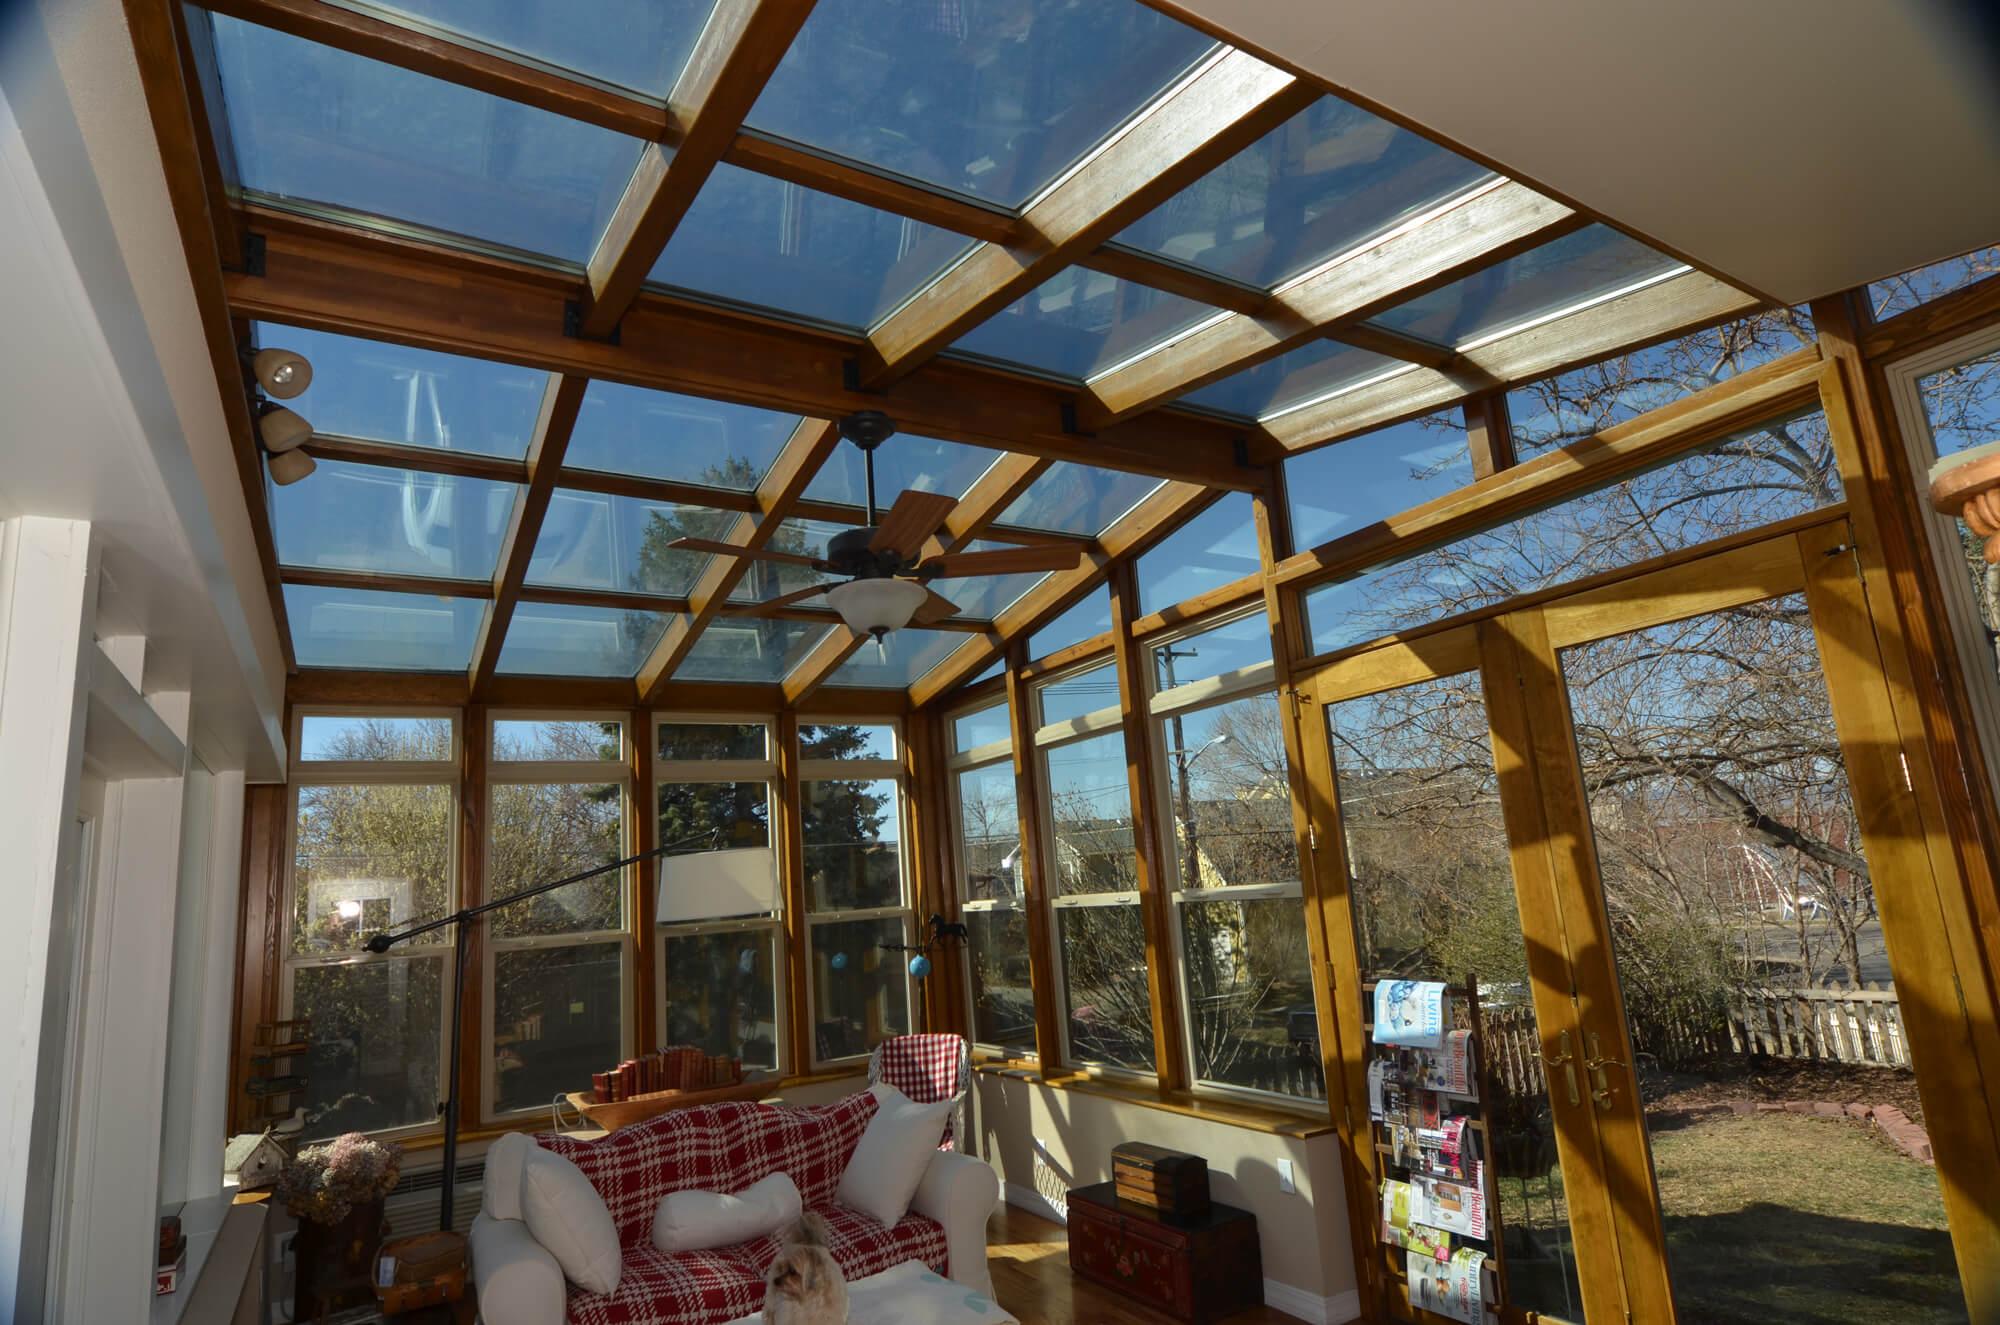 colorado_sunroom_and_window_builders_in_colorado.jpg